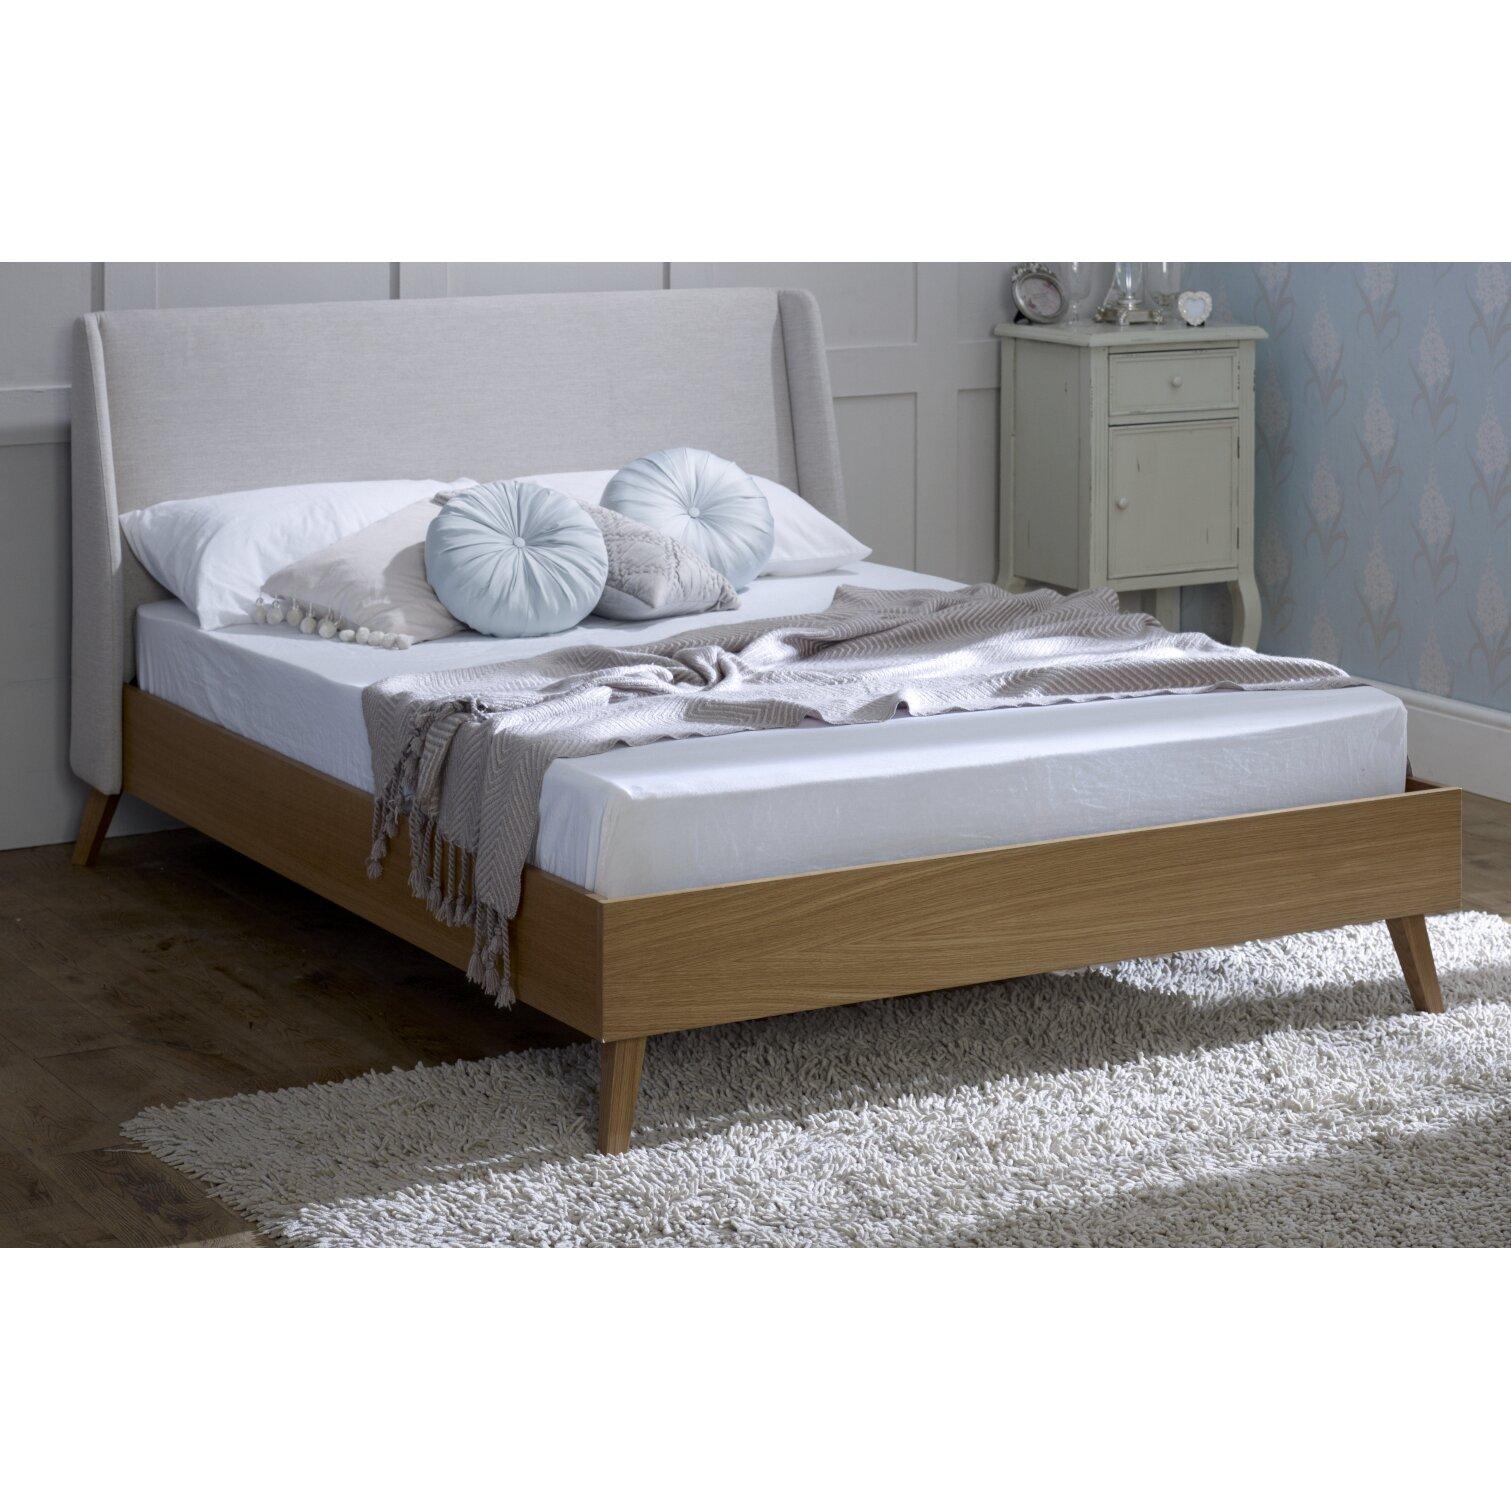 Home loft concept rose upholstered bed frame reviews for Home loft concept bunk bed